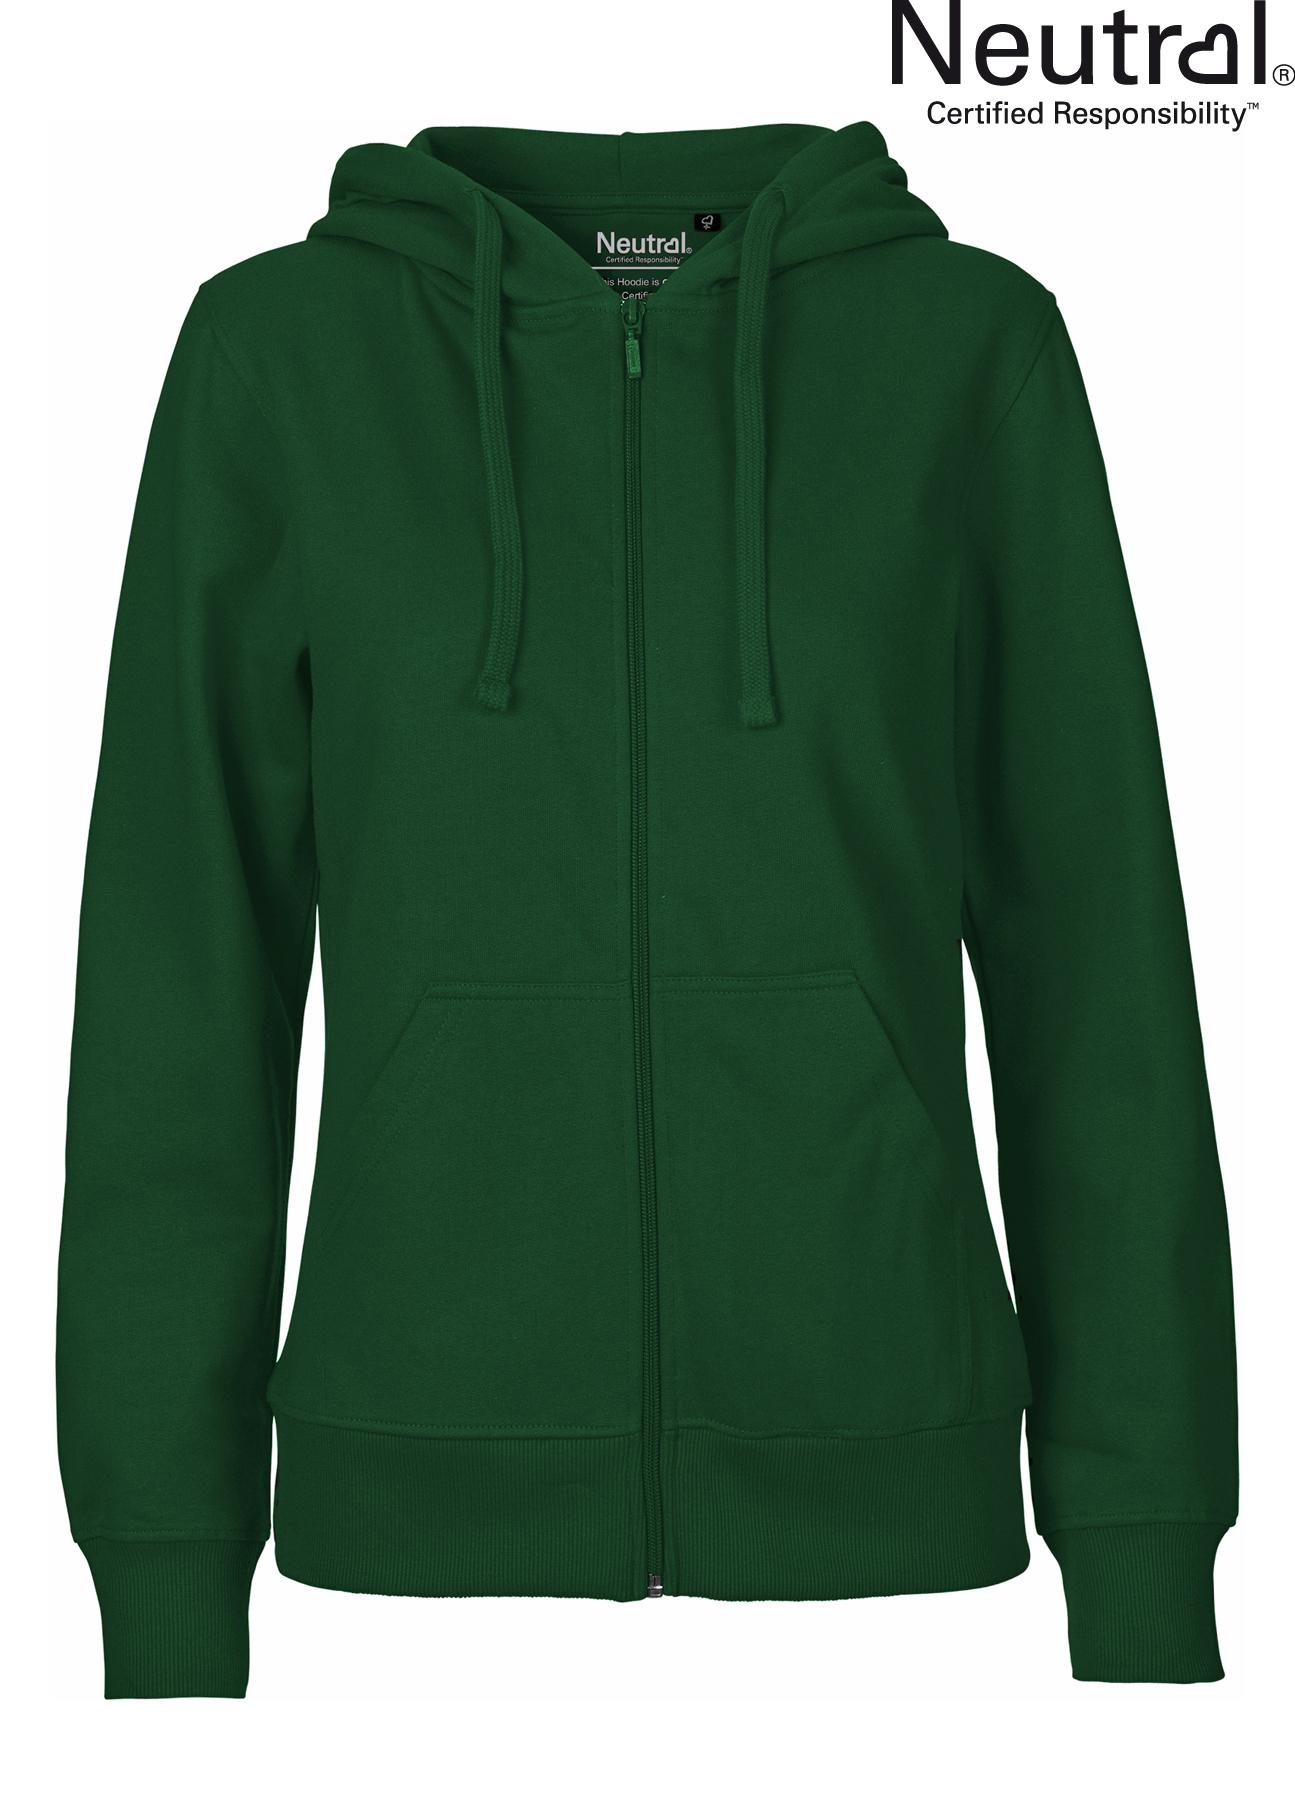 große Vielfalt Stile klar und unverwechselbar heiß-verkauf freiheit Neutral, Damen Sweatshirt mit Kapuze, Werbetextilien ...